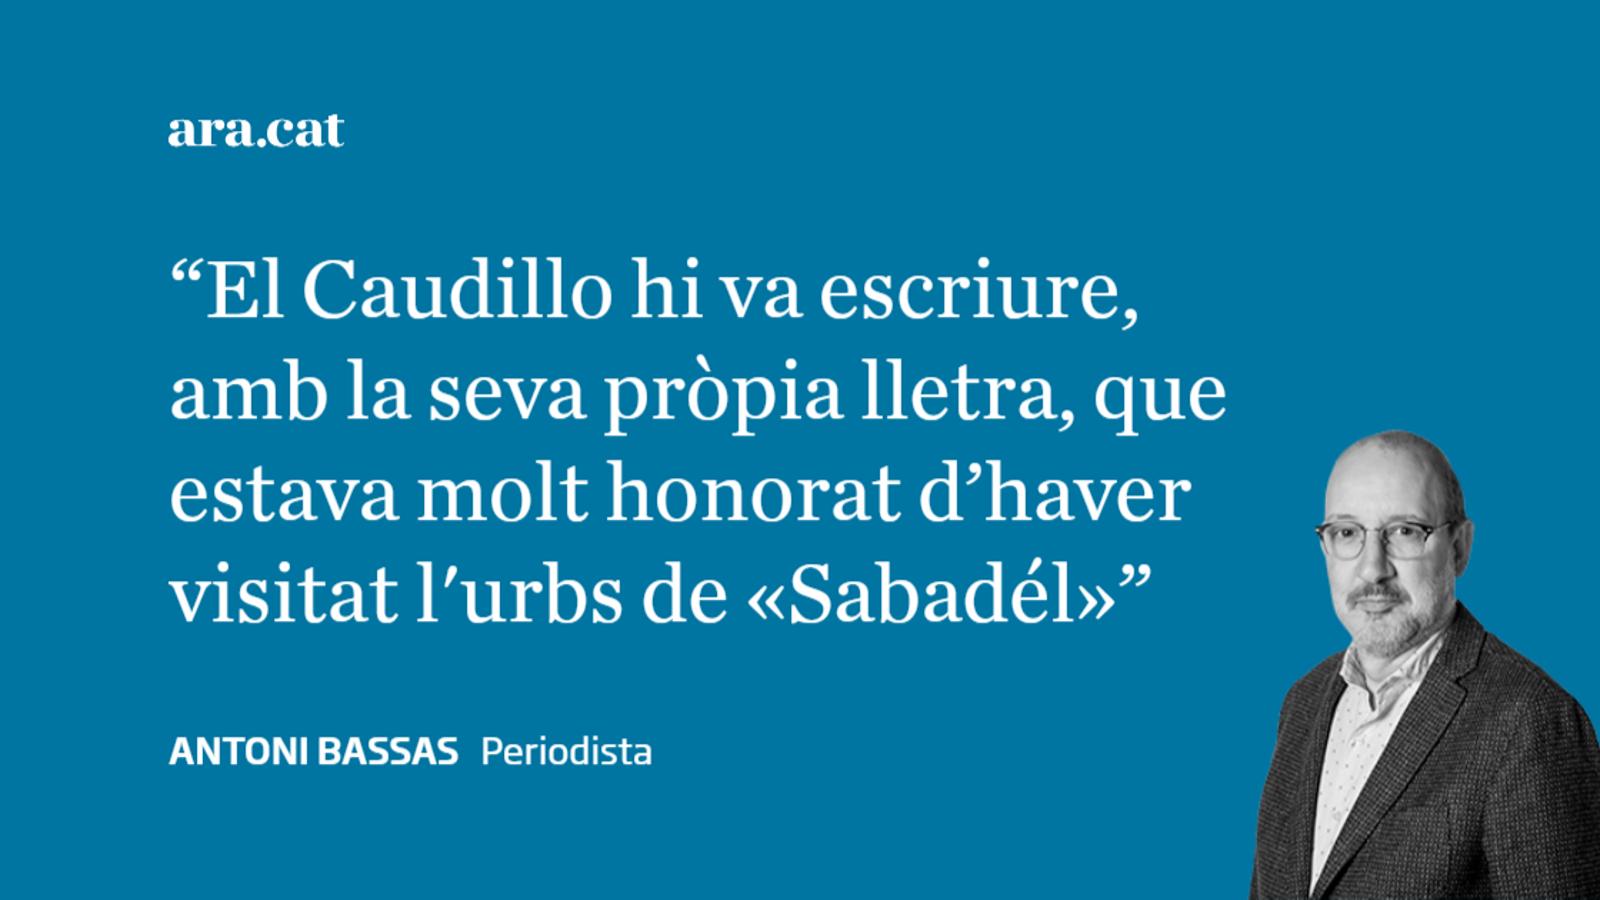 El català és fàcil: digui 'Sabadél' i avall